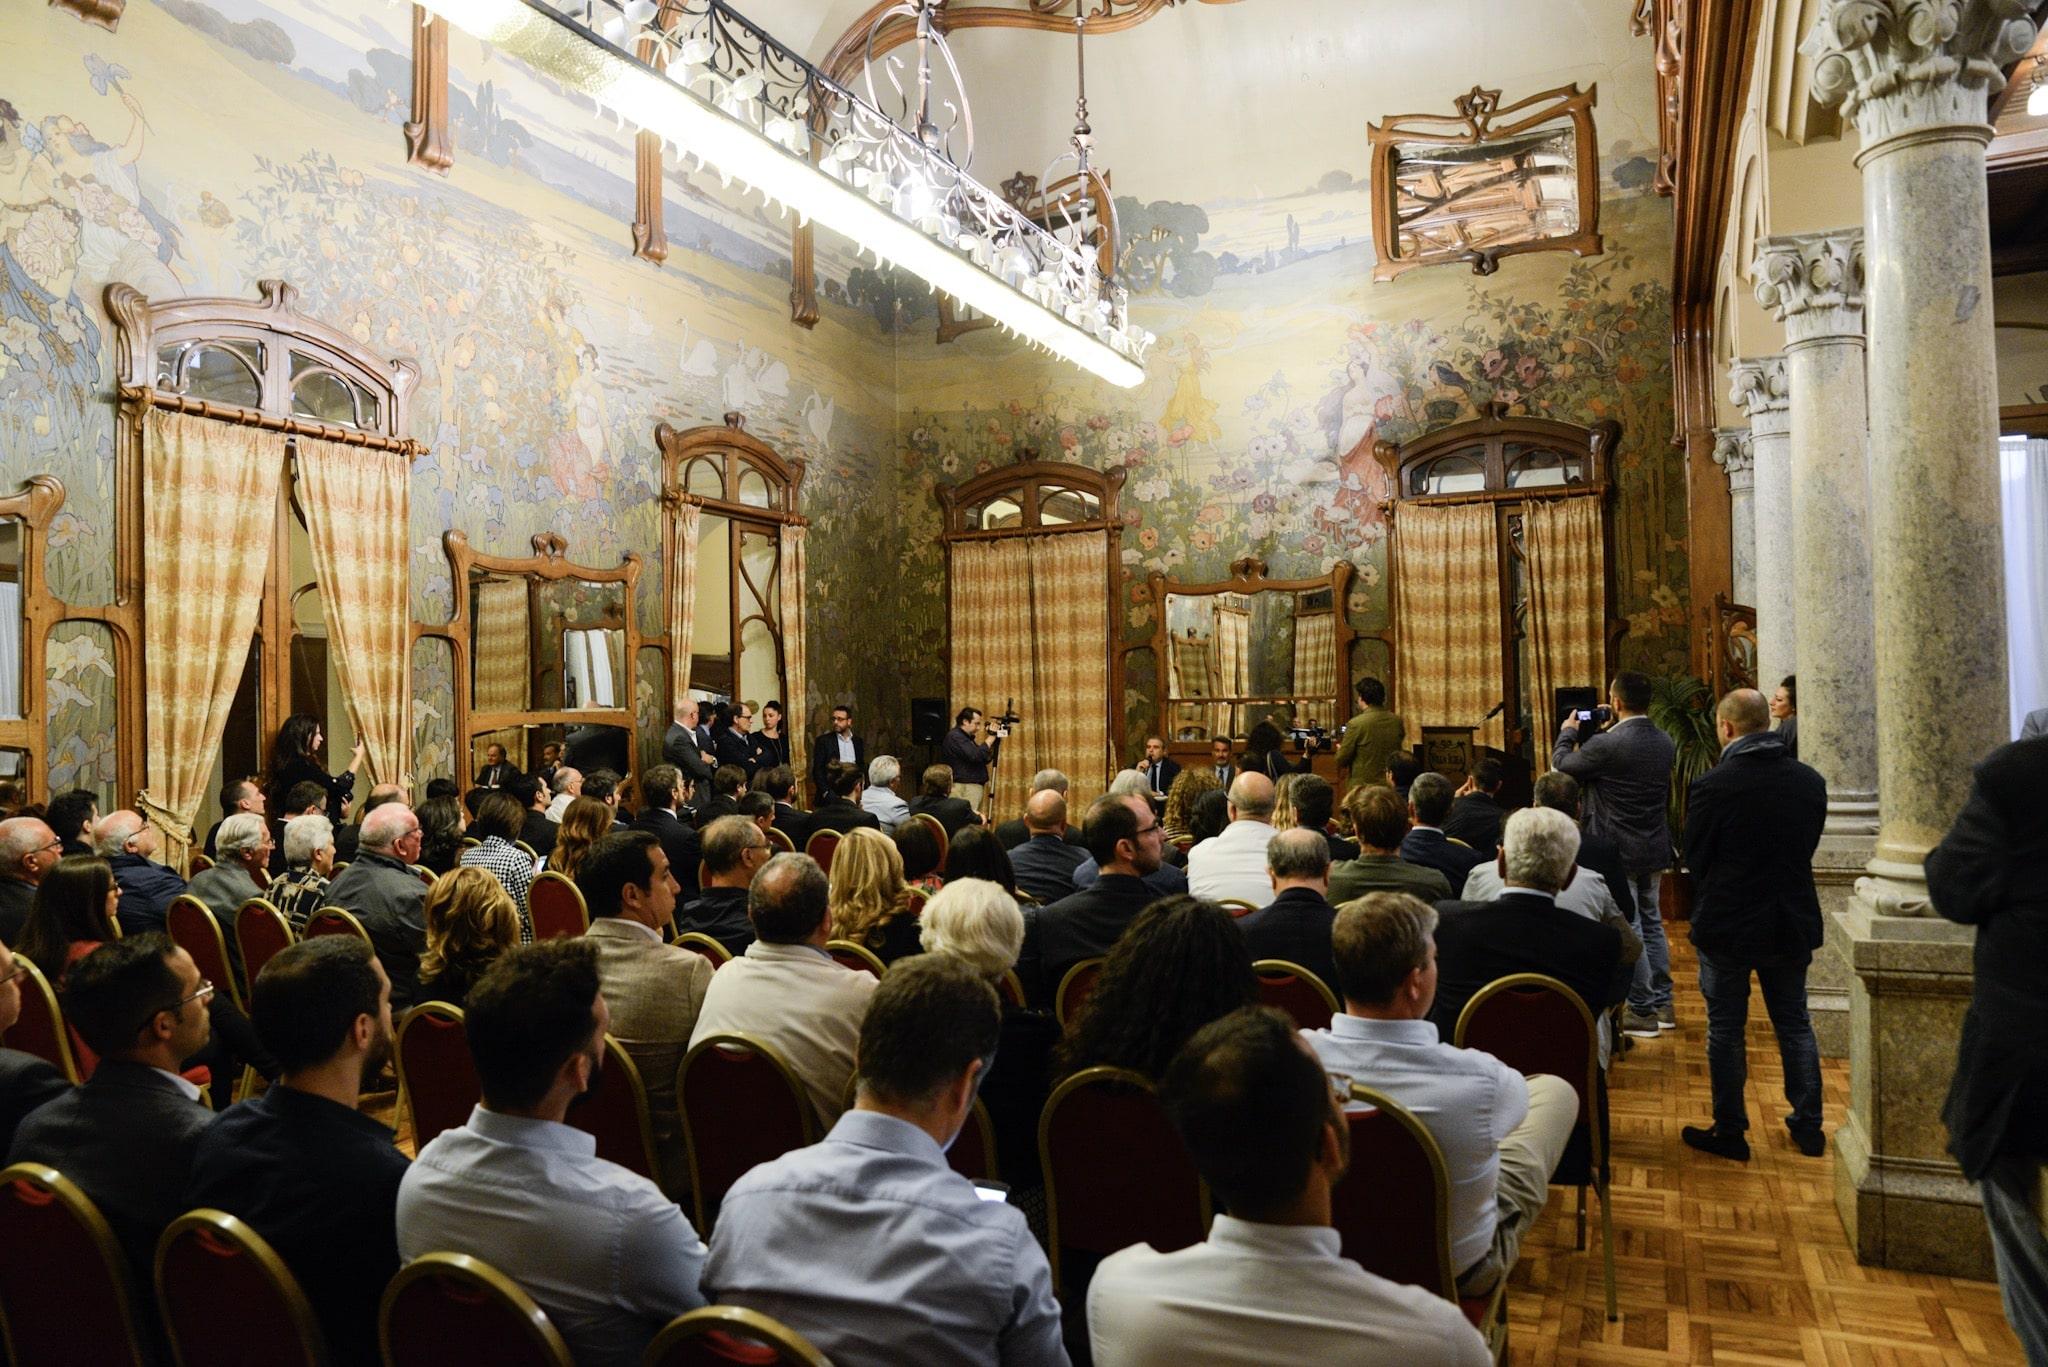 Al via la nuova edizione del Tao Gourmet. Dal 21 al 23 a Taormina il meglio di vino, birra e cibo.